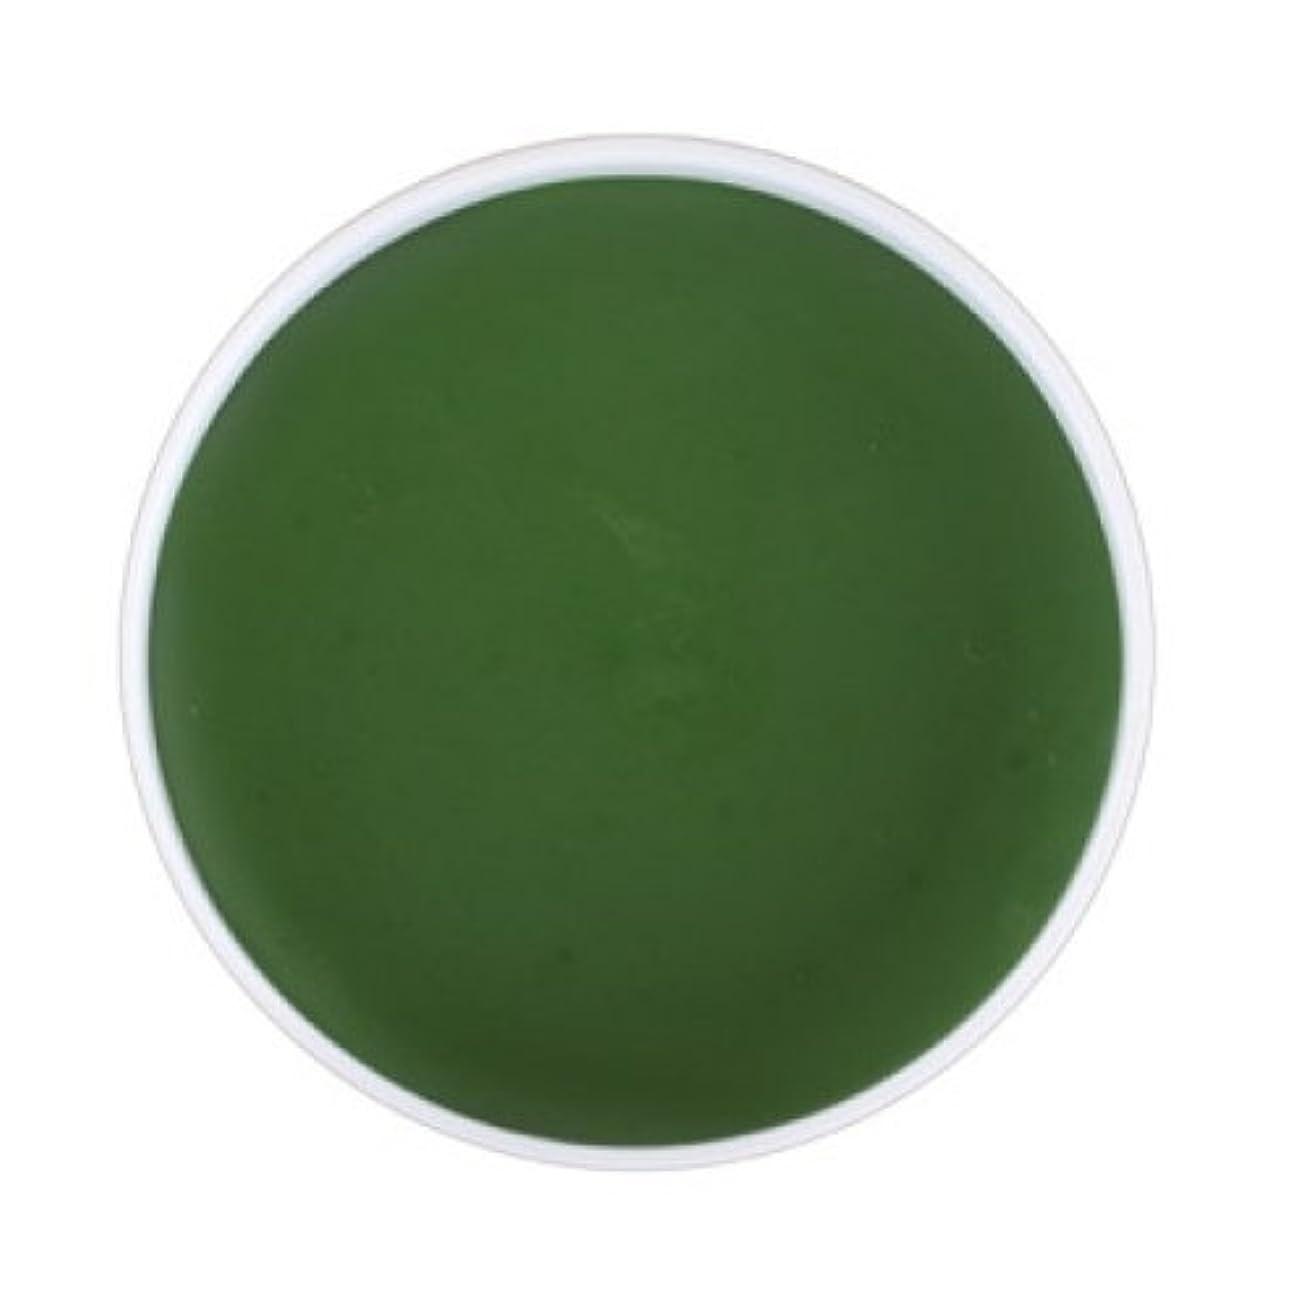 胆嚢ゴミ箱を空にする叫ぶmehron Color Cups Face and Body Paint - Green (並行輸入品)